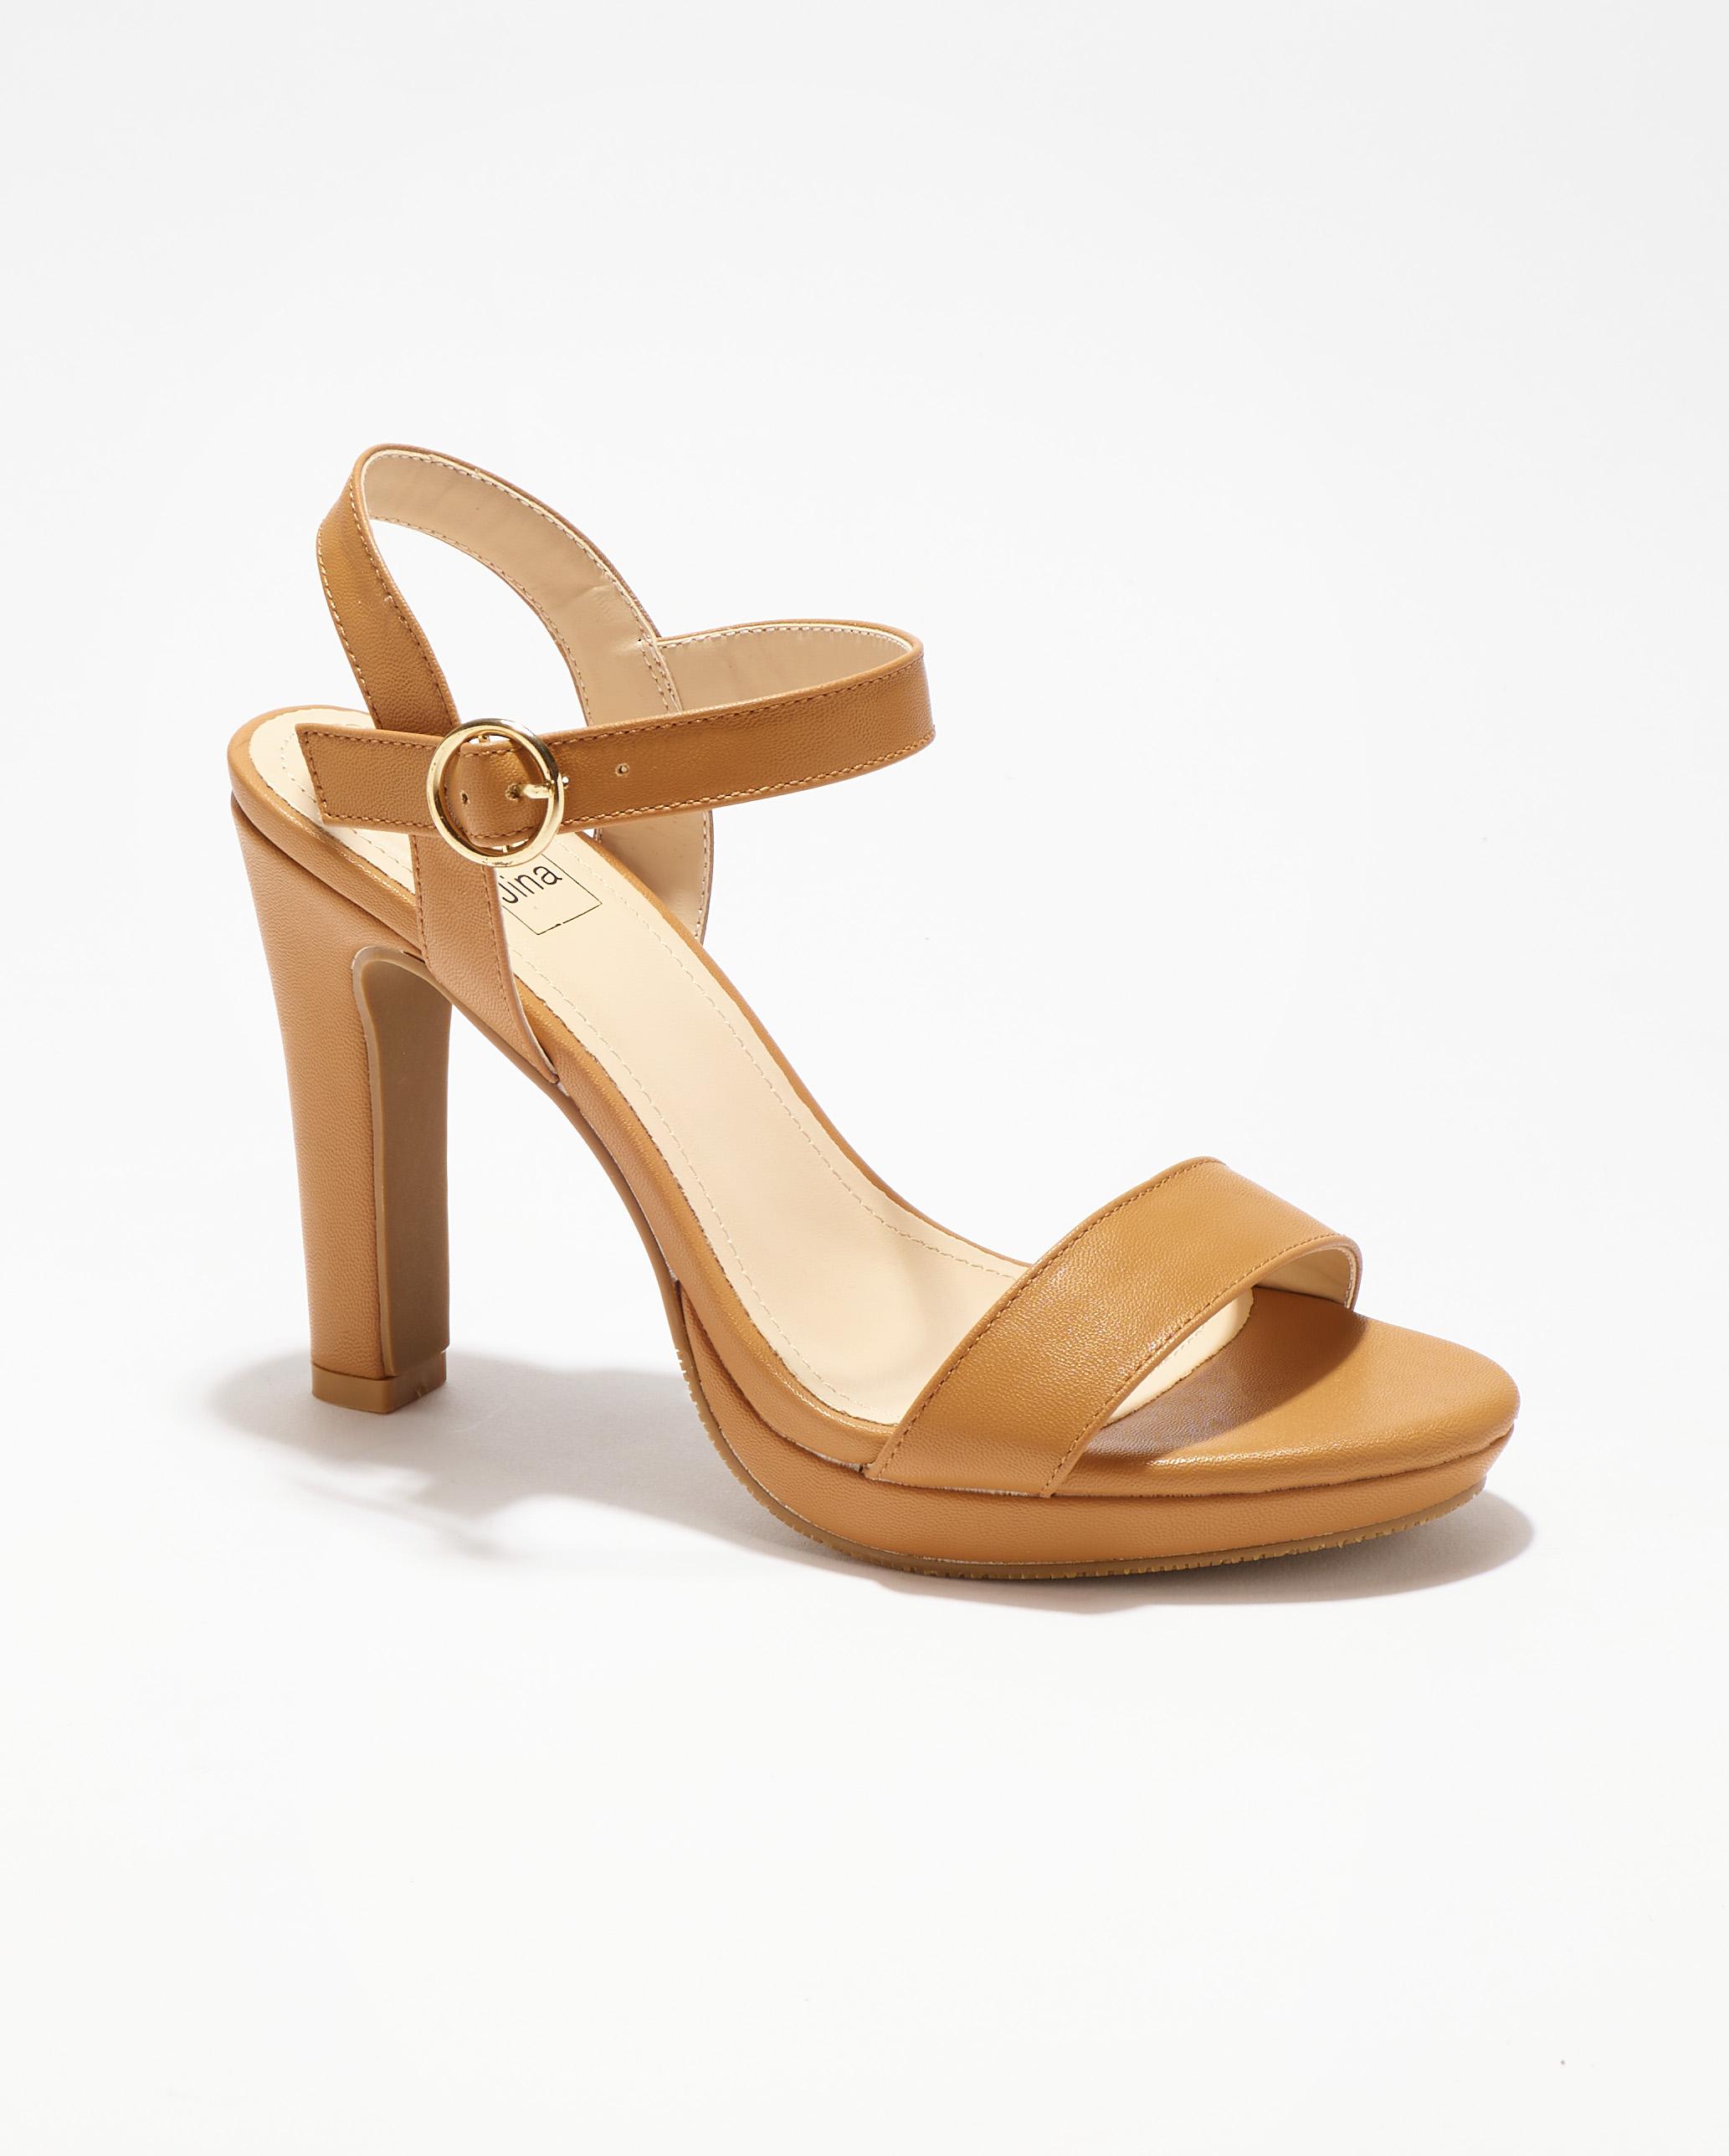 Sandales À Talons Femme - Sandale Talon Decrochee Camel Jina - Ls695c-50